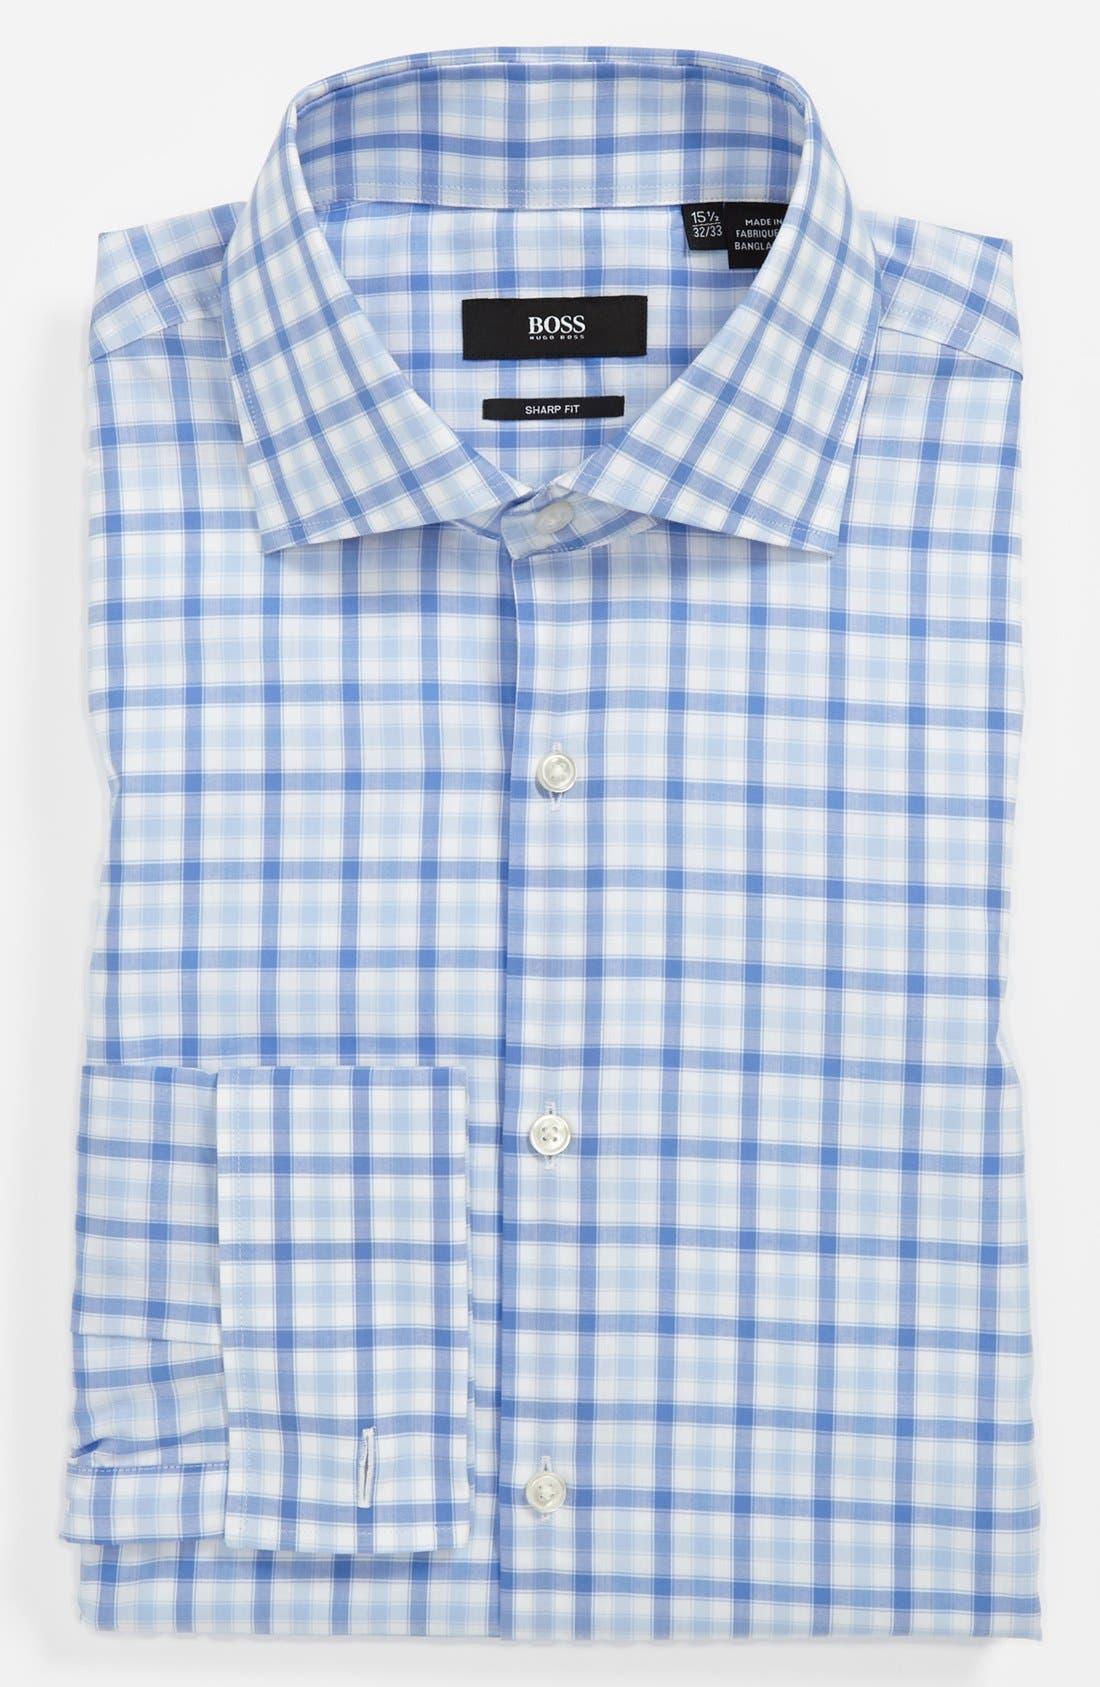 Alternate Image 1 Selected - BOSS HUGO BOSS 'Malvin' Sharp Fit Dress Shirt